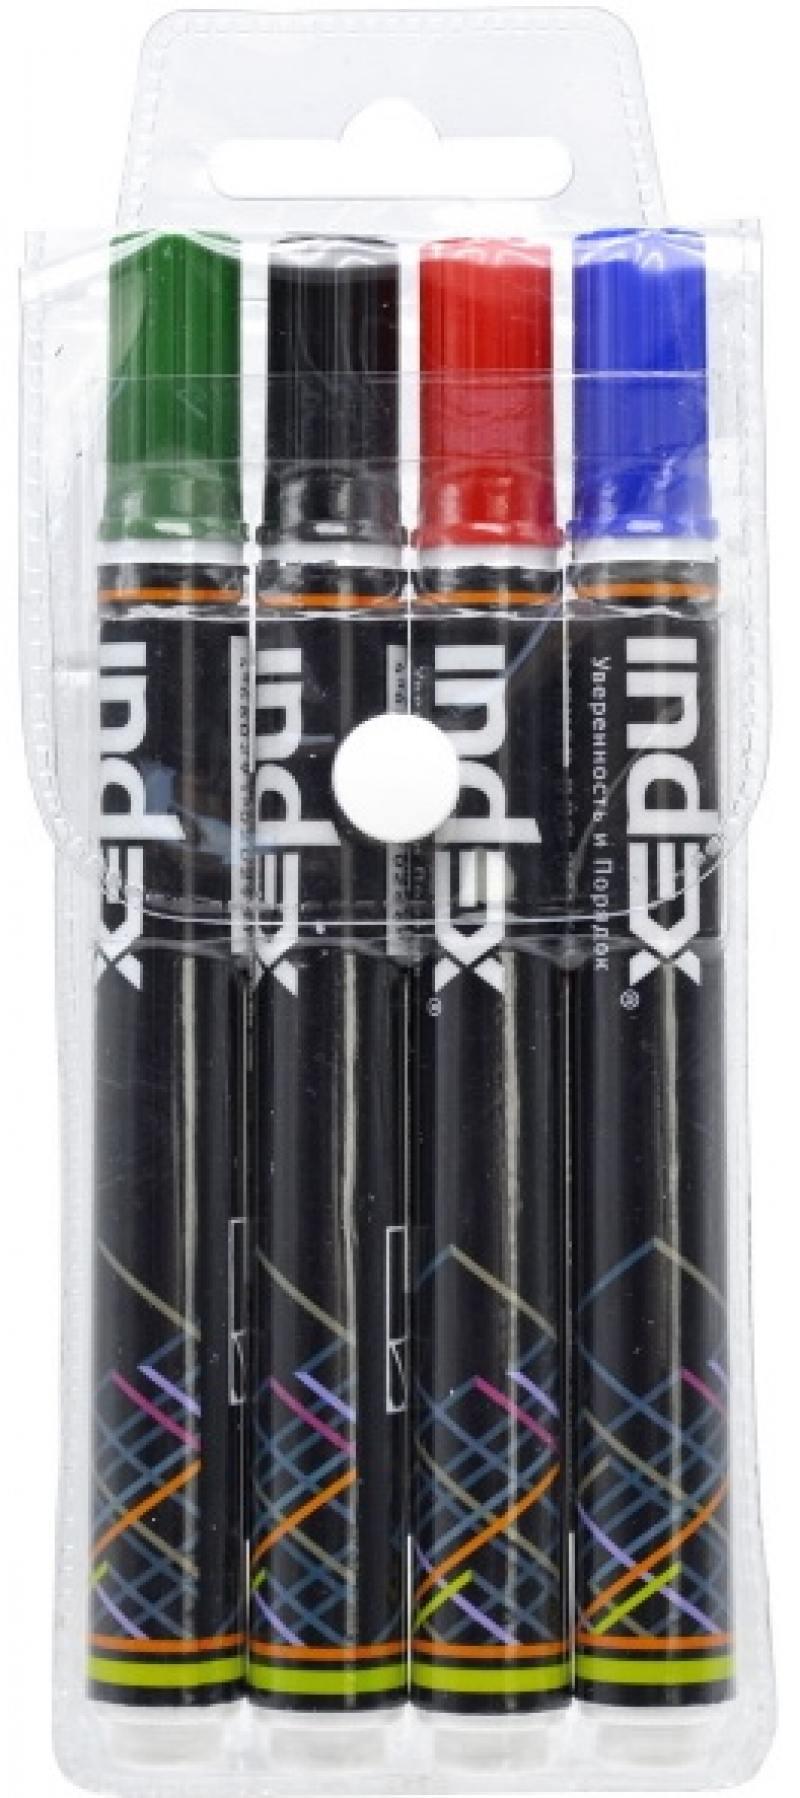 Маркер для доски Index IMW200/4 5 мм 4 шт разноцветный IMW200/4 маркер для доски stanger bm240 3 мм 4 шт разноцветный 321002